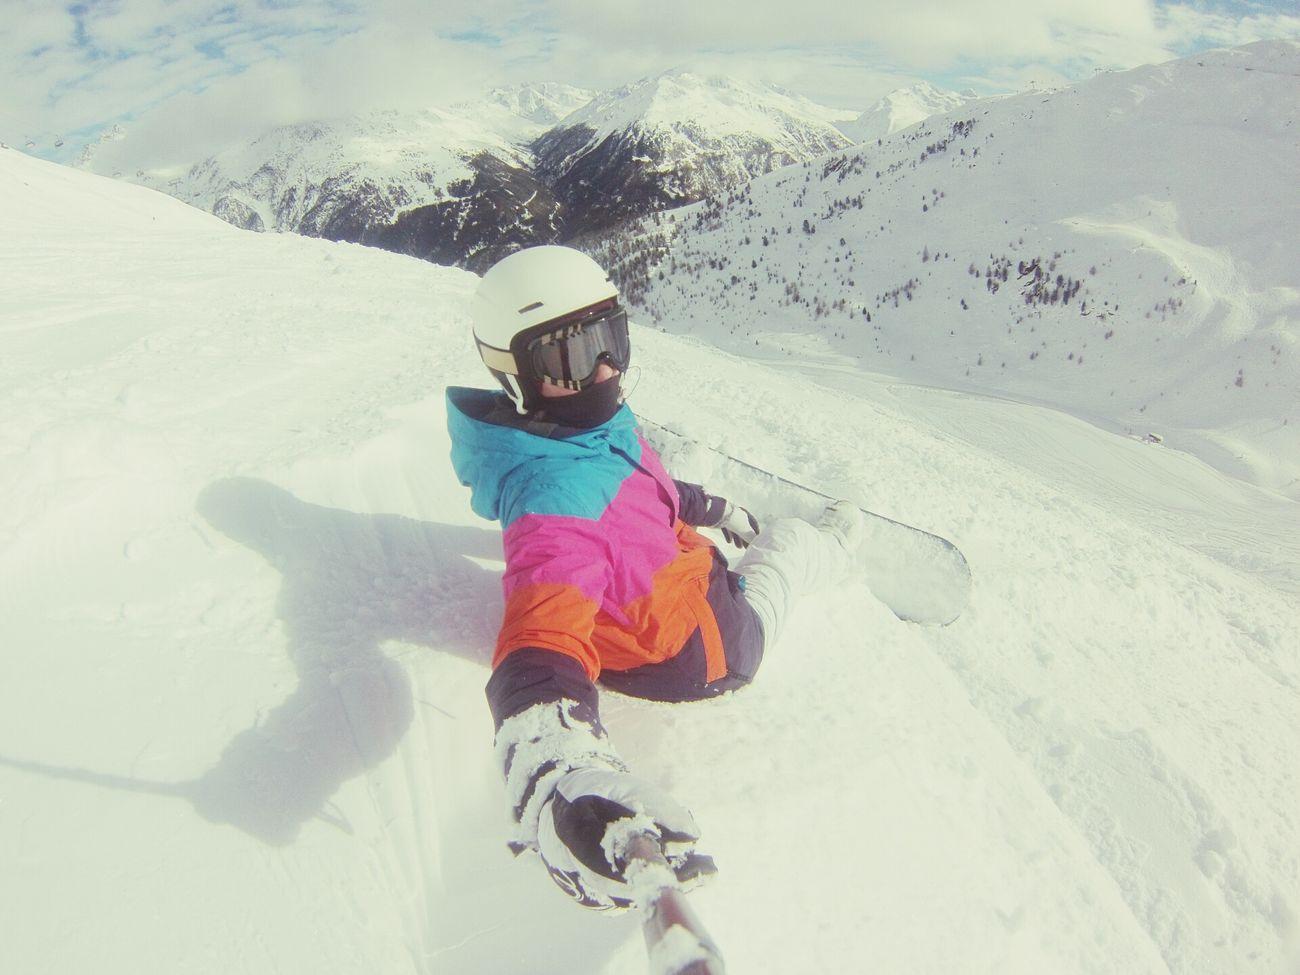 Gopro Alps